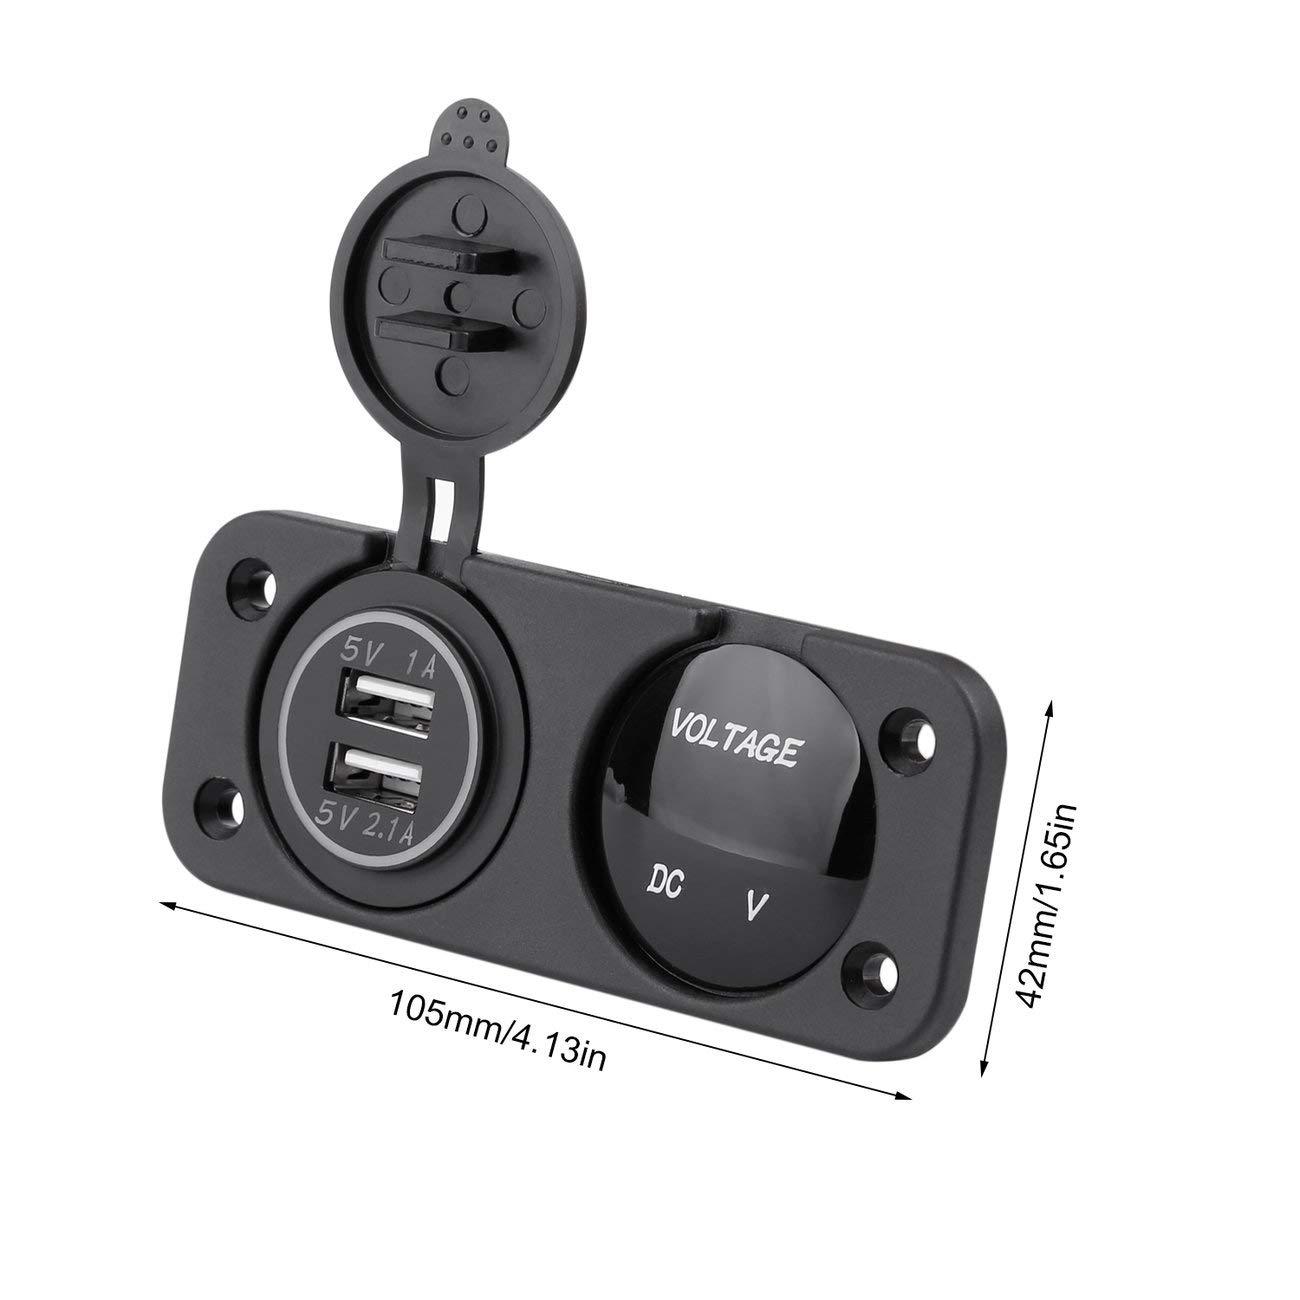 Pannello marino della barca dellautomobile di voltmetro del blu LED delladattatore dellautomobile del doppio di 12-24V USB